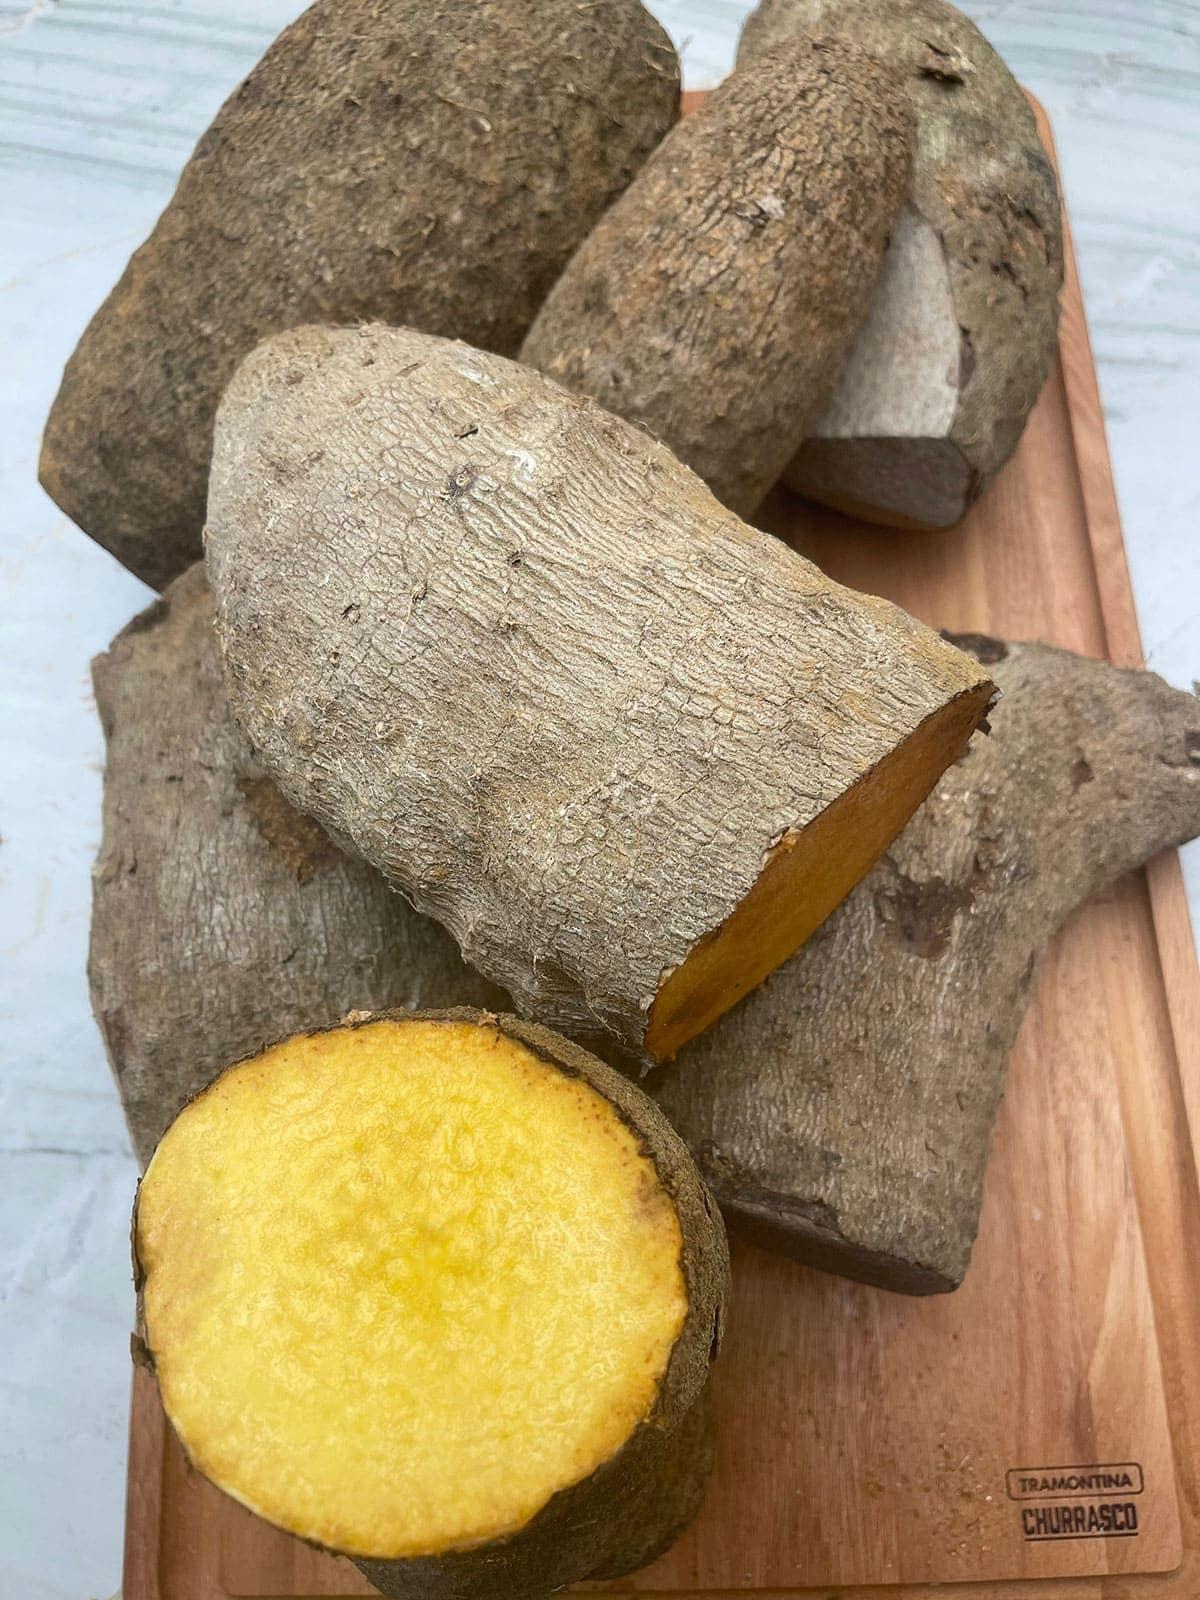 yellow yam tubers on a cutting board